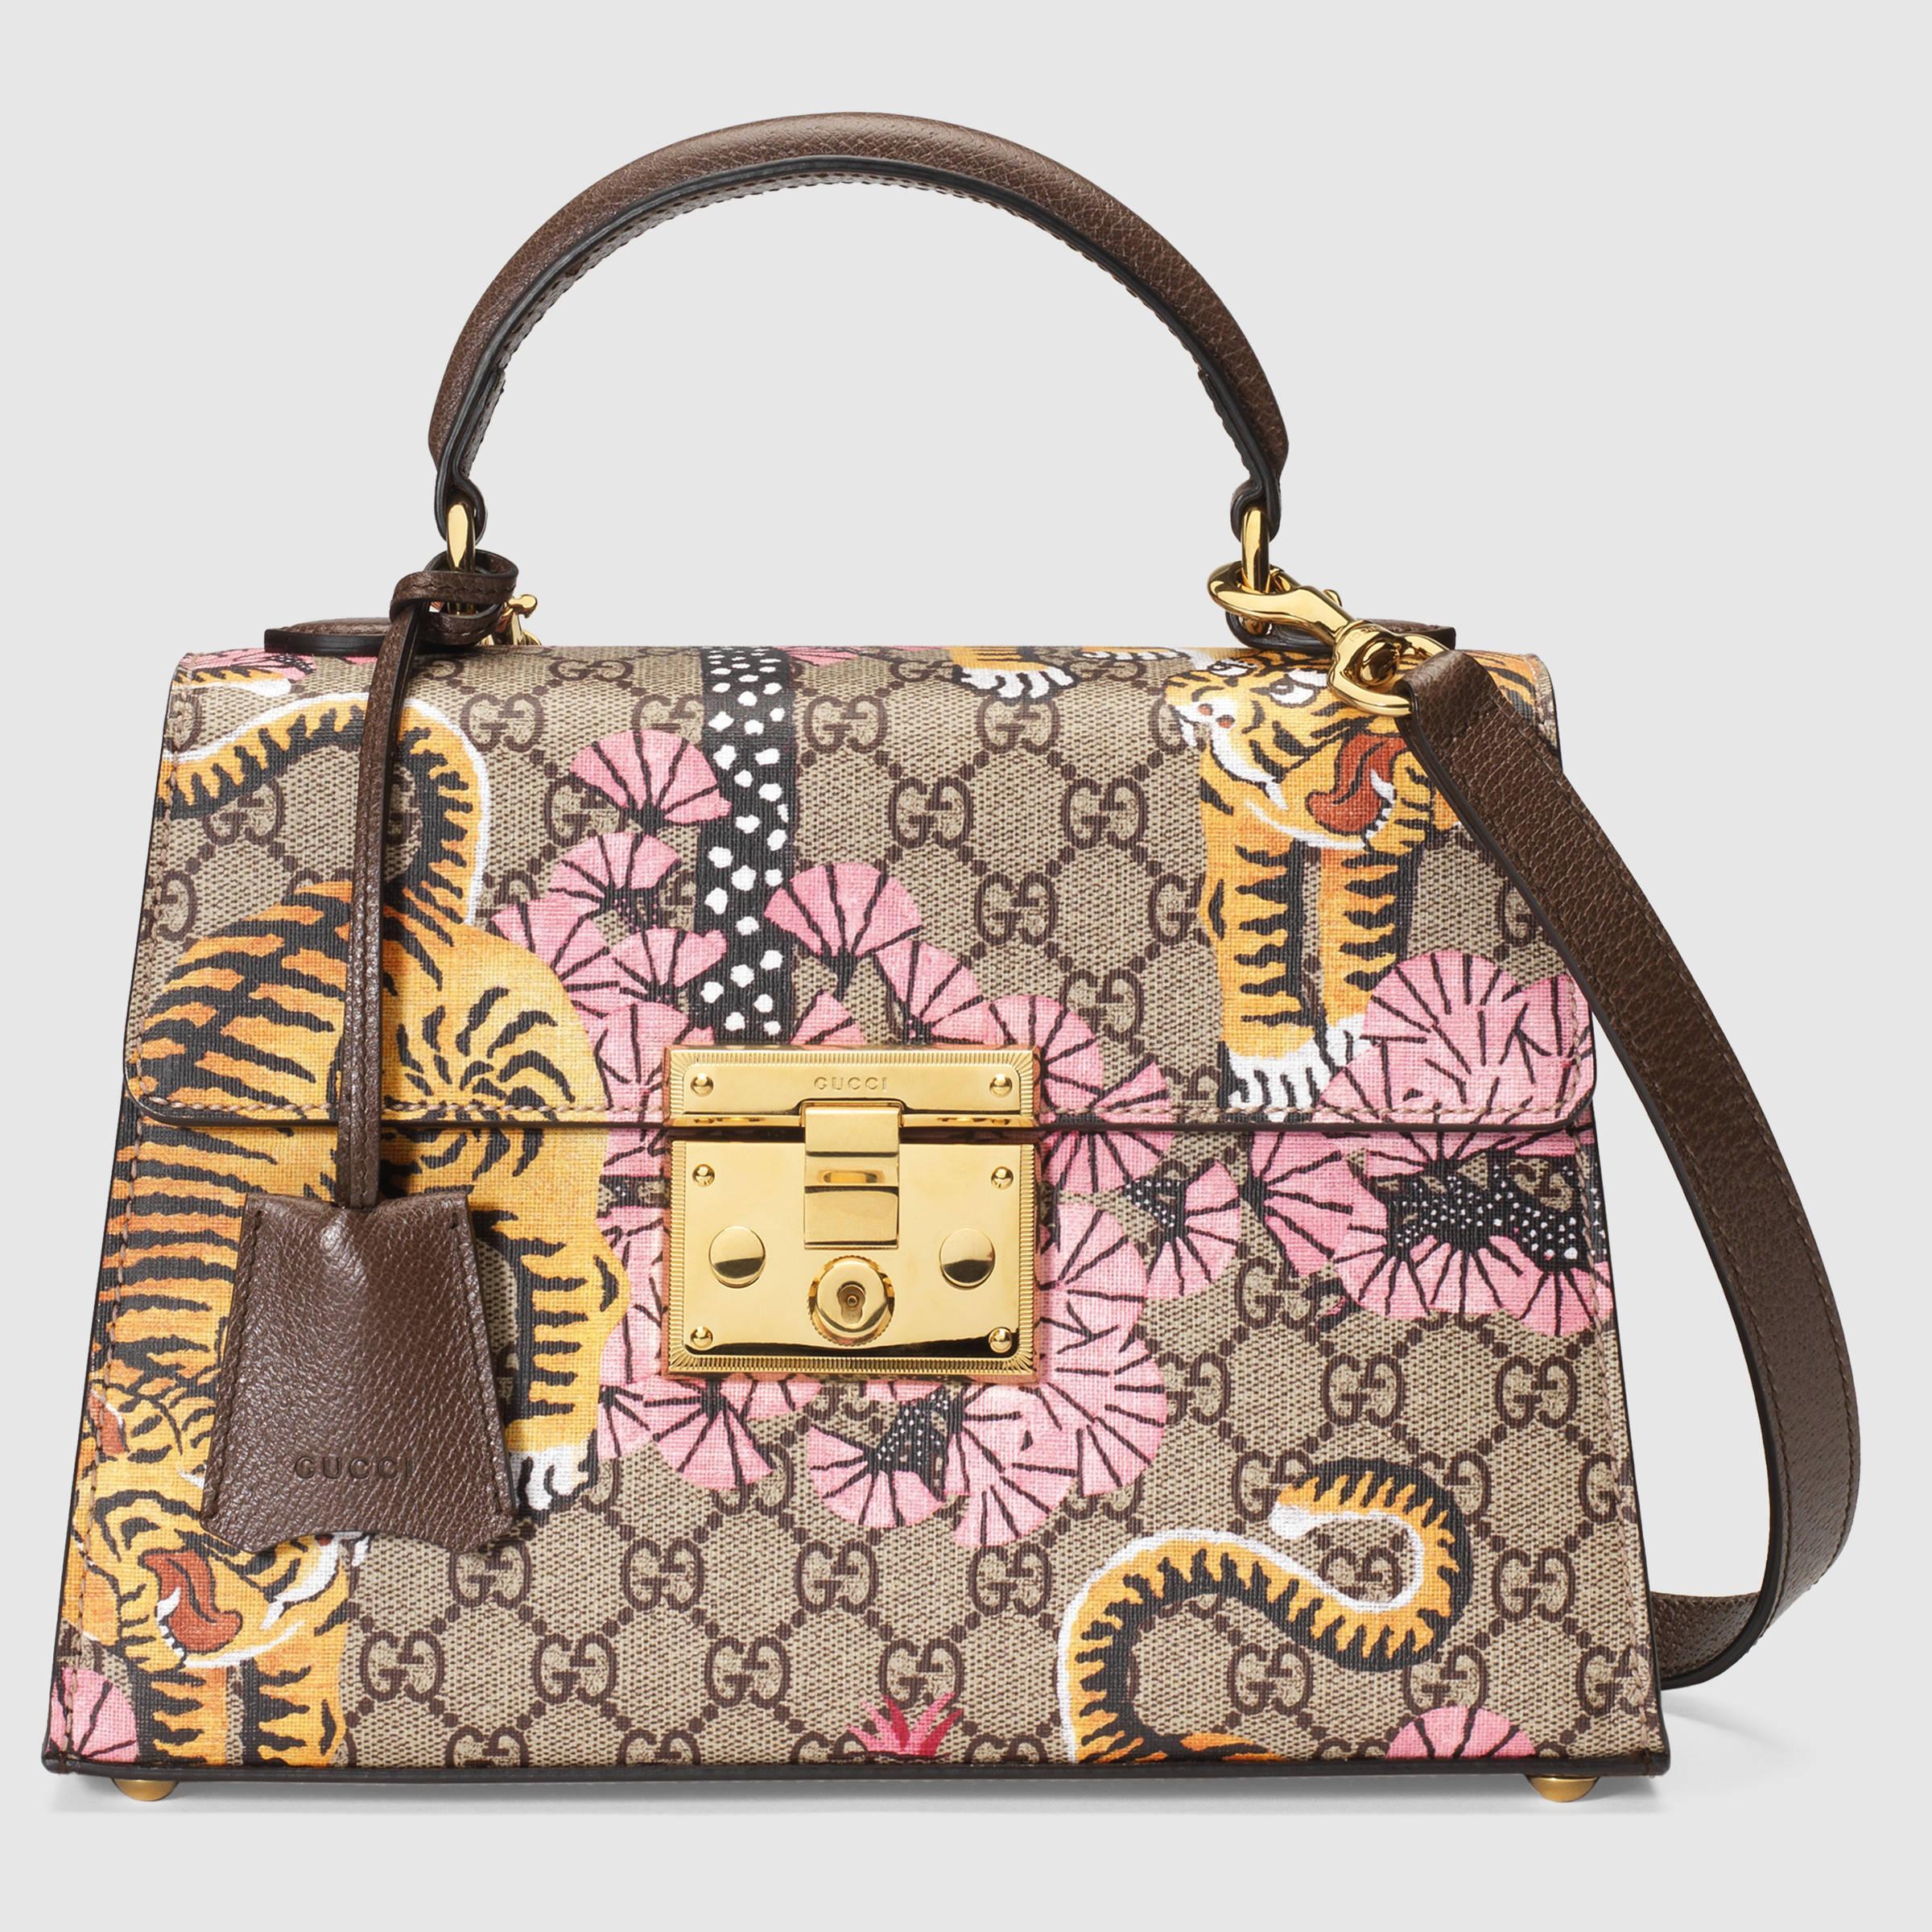 eacc87d743b4 Lyst - Gucci Padlock Bengal Top Handle Bag